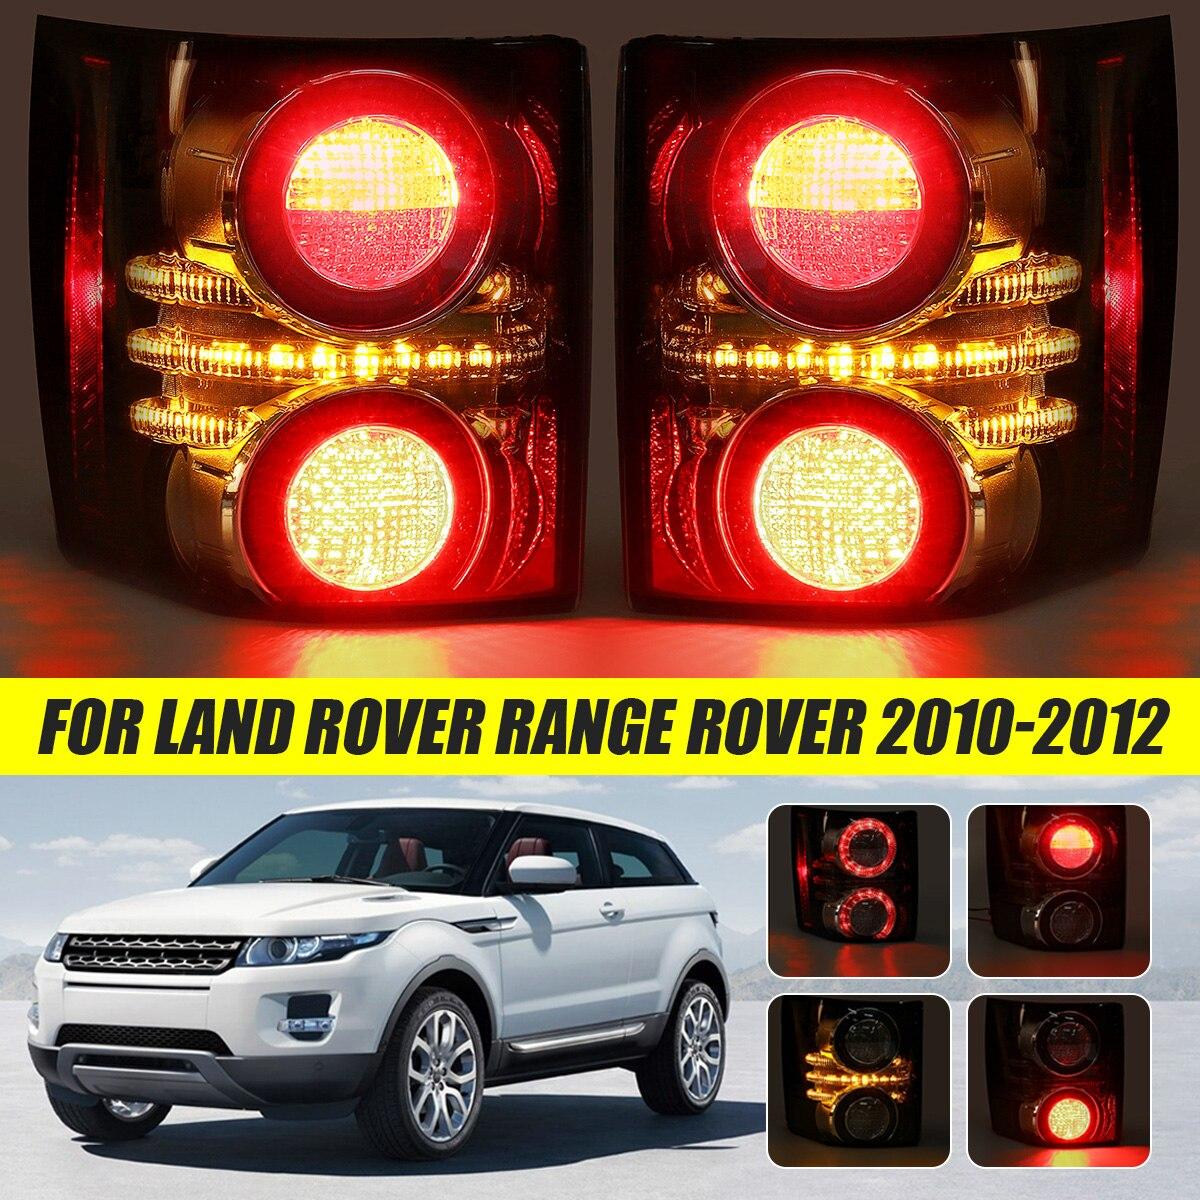 Luz trasera de coche para Land Rover Range Rover 2010 2011 2012, faro antiniebla de freno trasero de humo, accesorios Drl LR031756